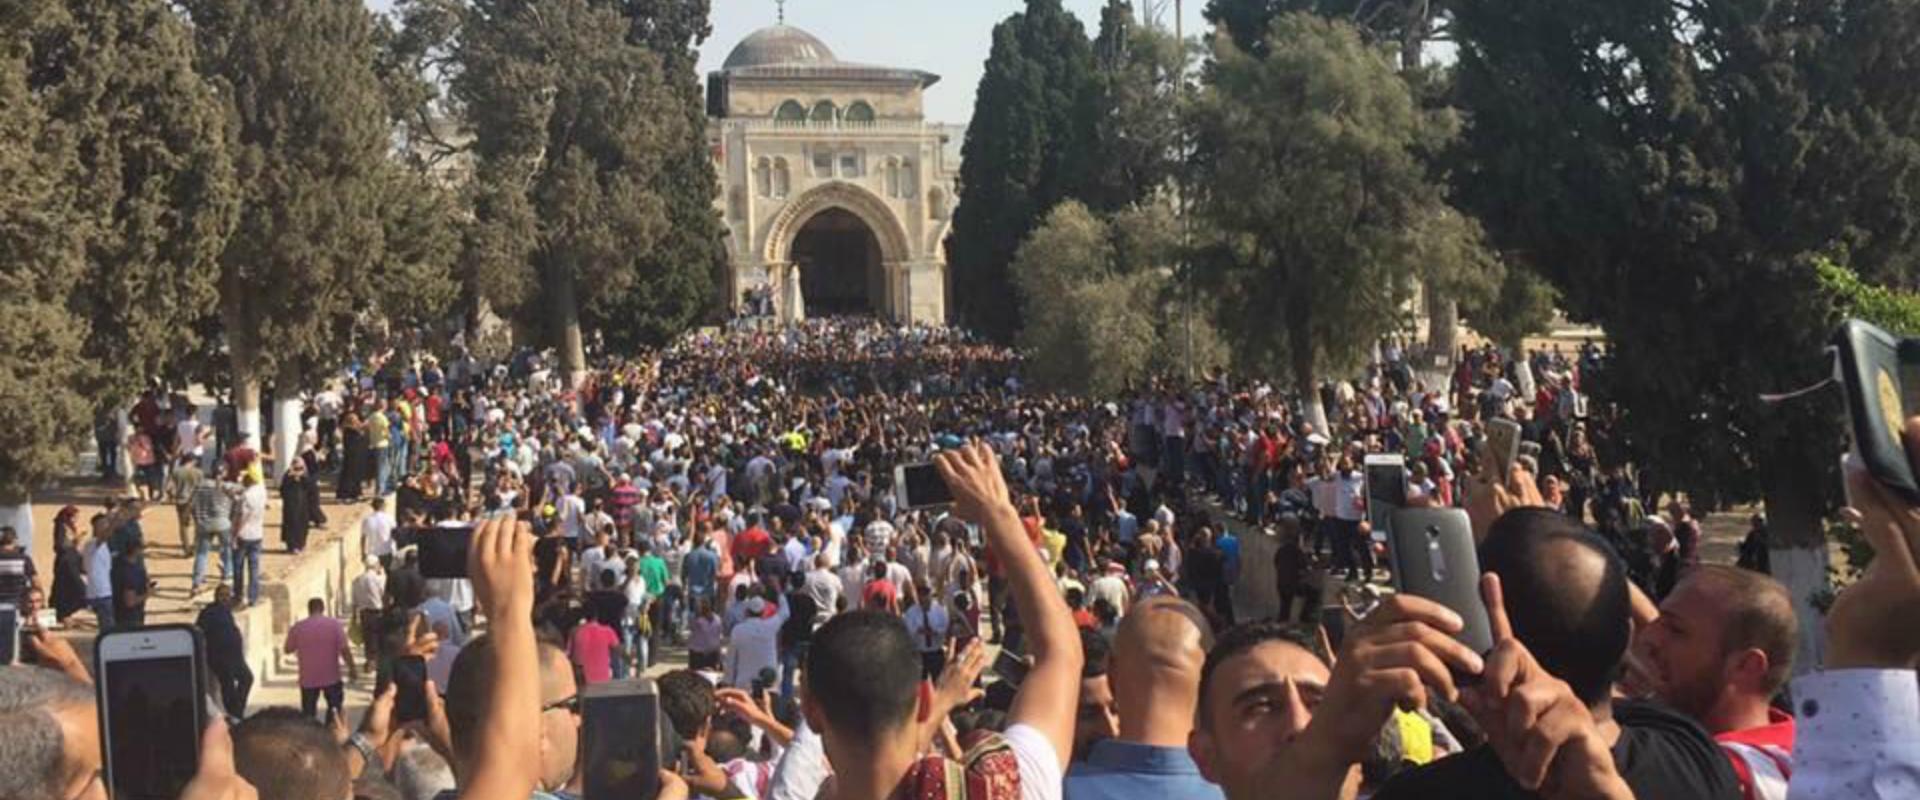 אלפי מוסלמים במסגד אל אקצא